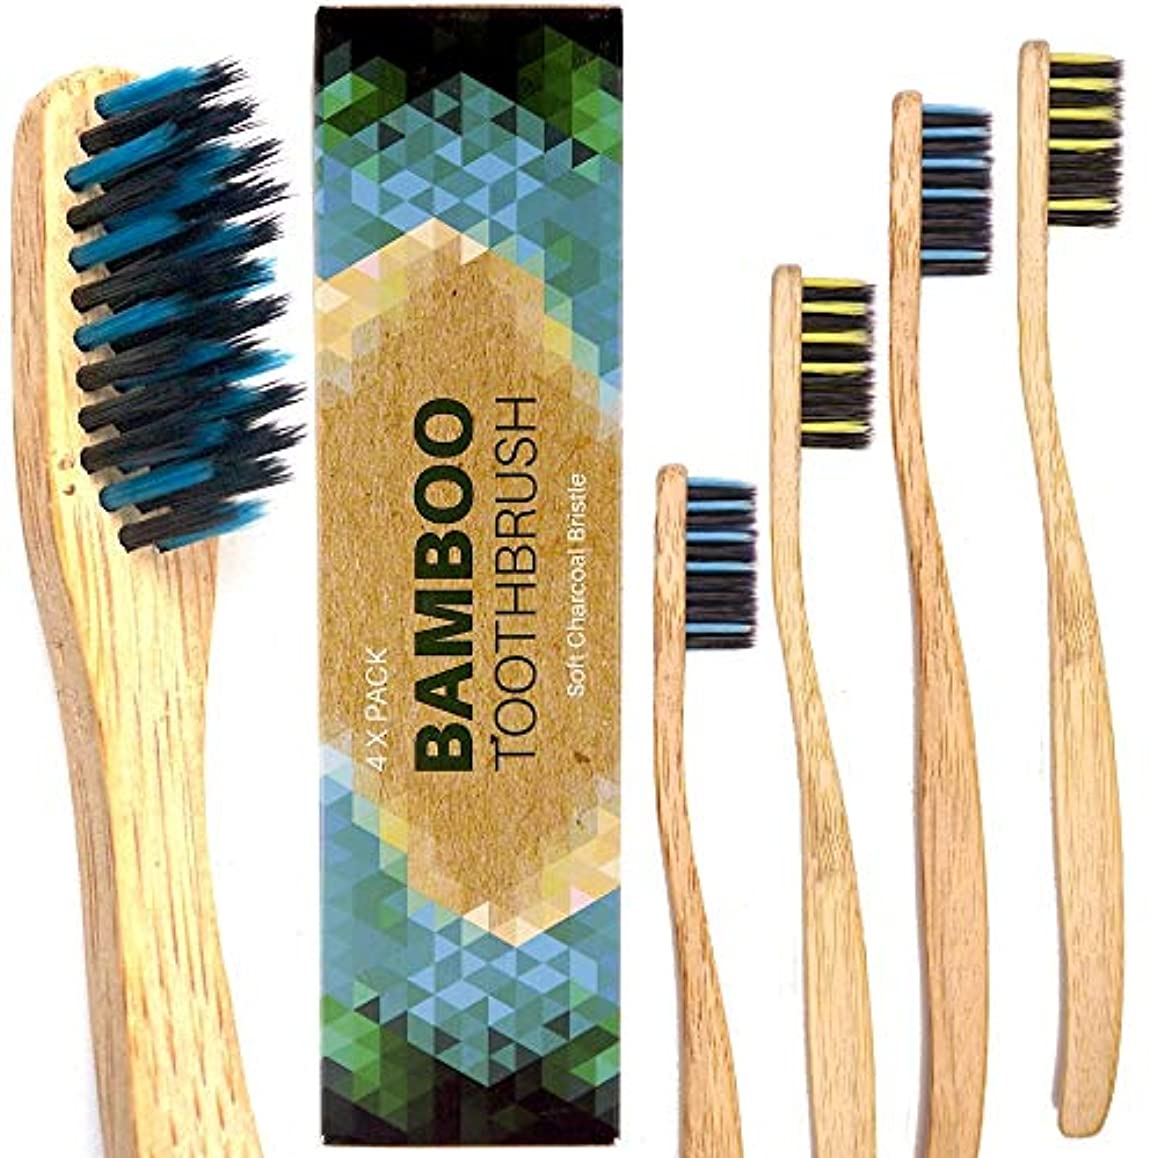 私達素晴らしいボード竹製歯ブラシ。チャコールブリストル大人 - ミディアム及びソフト、生分解性、ビーガン、バイオ、エコ、持続可能な木製ハンドル4本パック4 Bamboo Toothbrushes, ホワイトニング 歯, ドイツの品質, 竹歯ブラシ